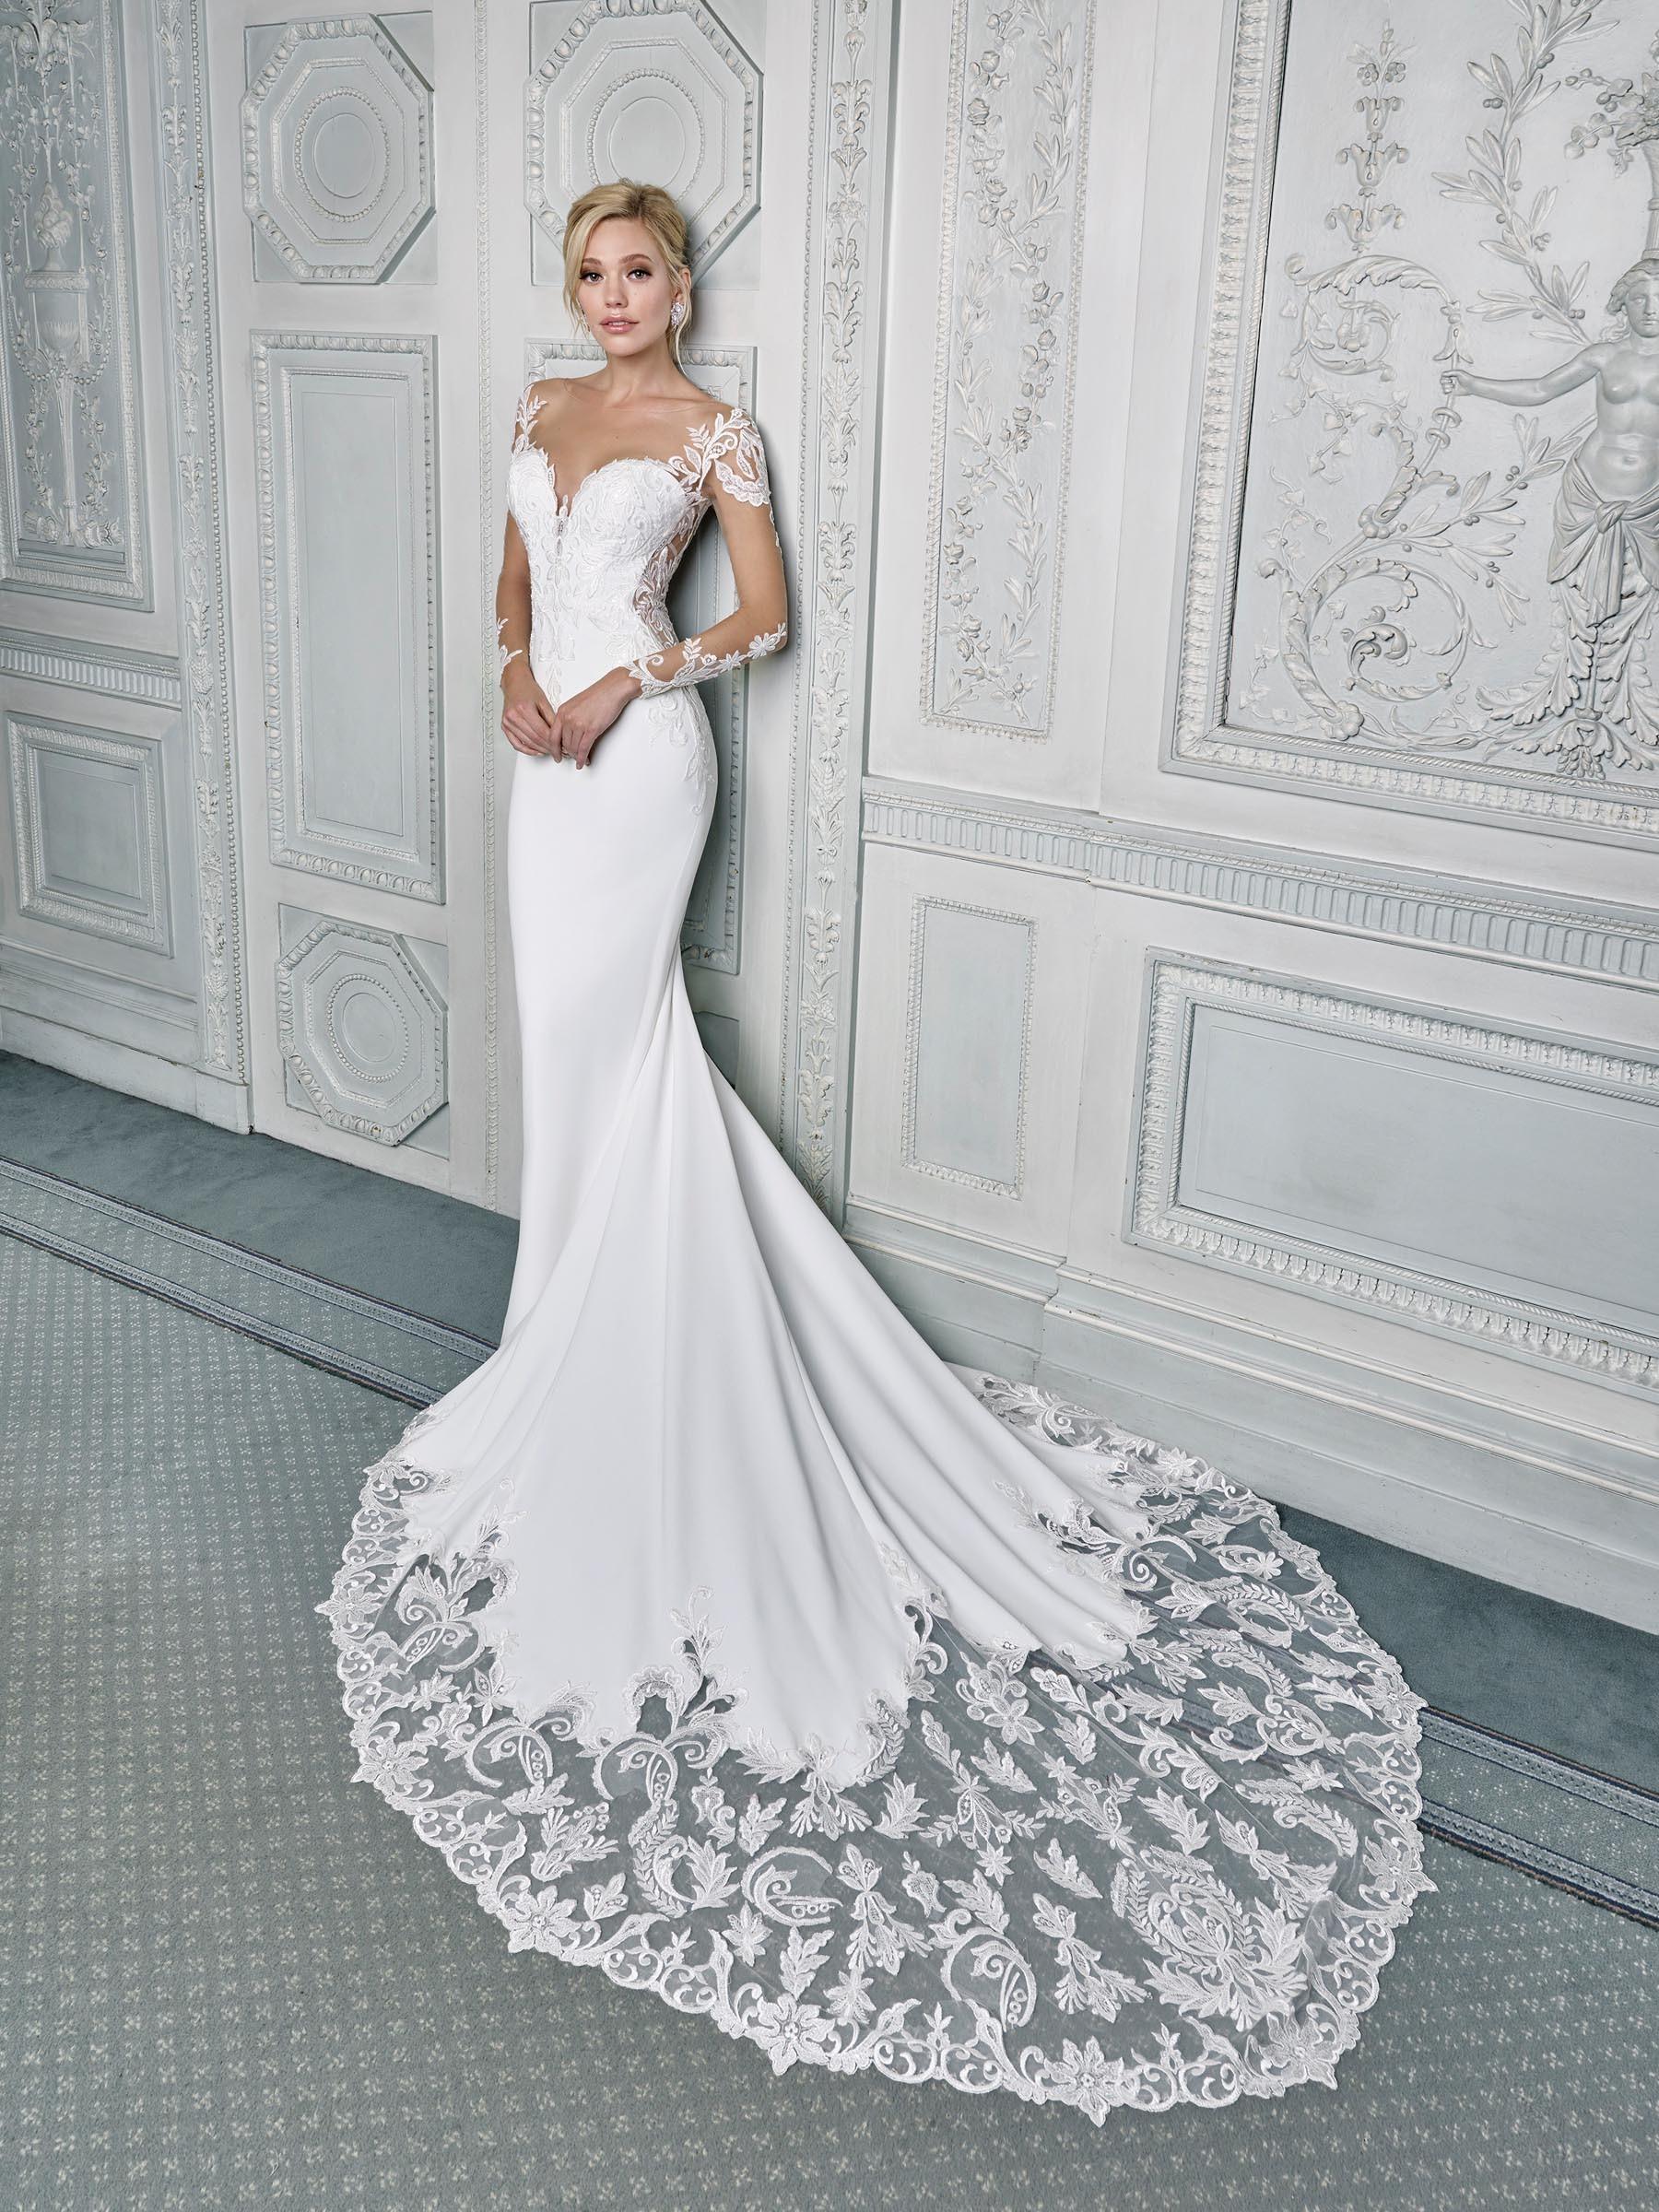 unglaubliche Preise auf Füßen Aufnahmen von neueste Brautkleider | Die schönsten Kleider & Trends 2019 entdecken ❤